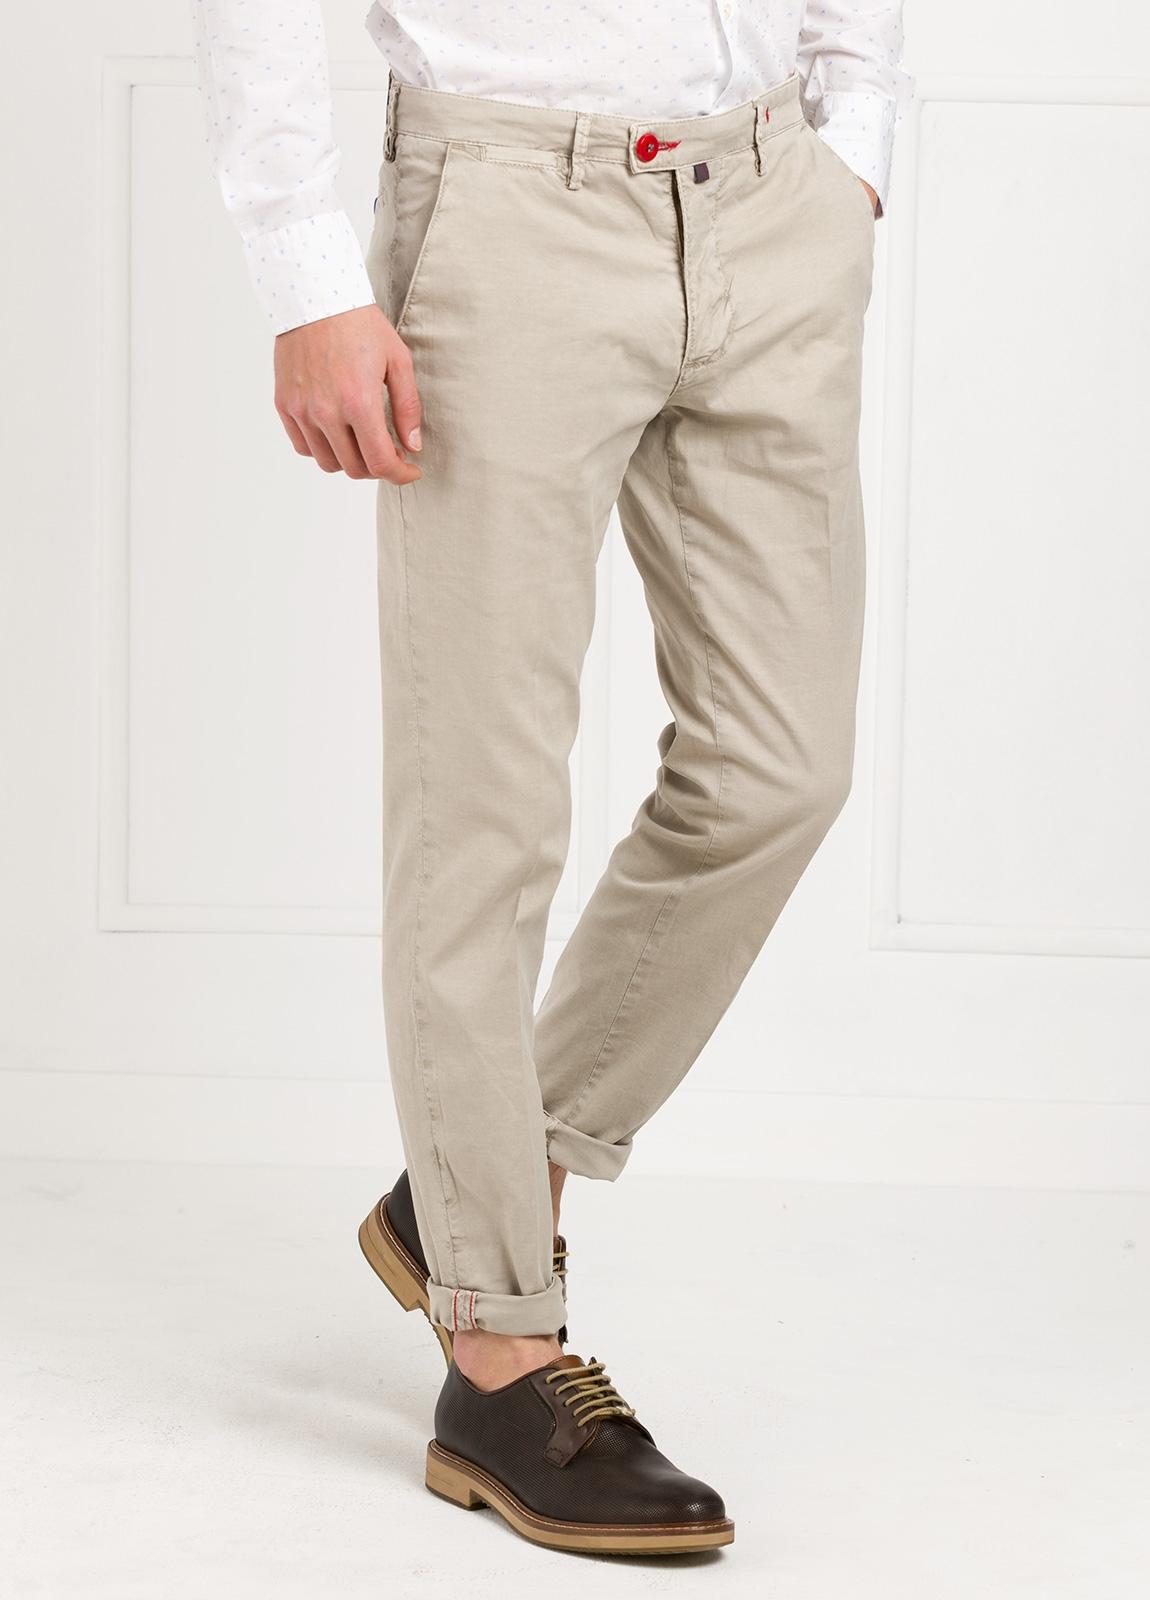 Pantalón chino color piedra. 100% Algodón oxford envejecido. - Ítem3